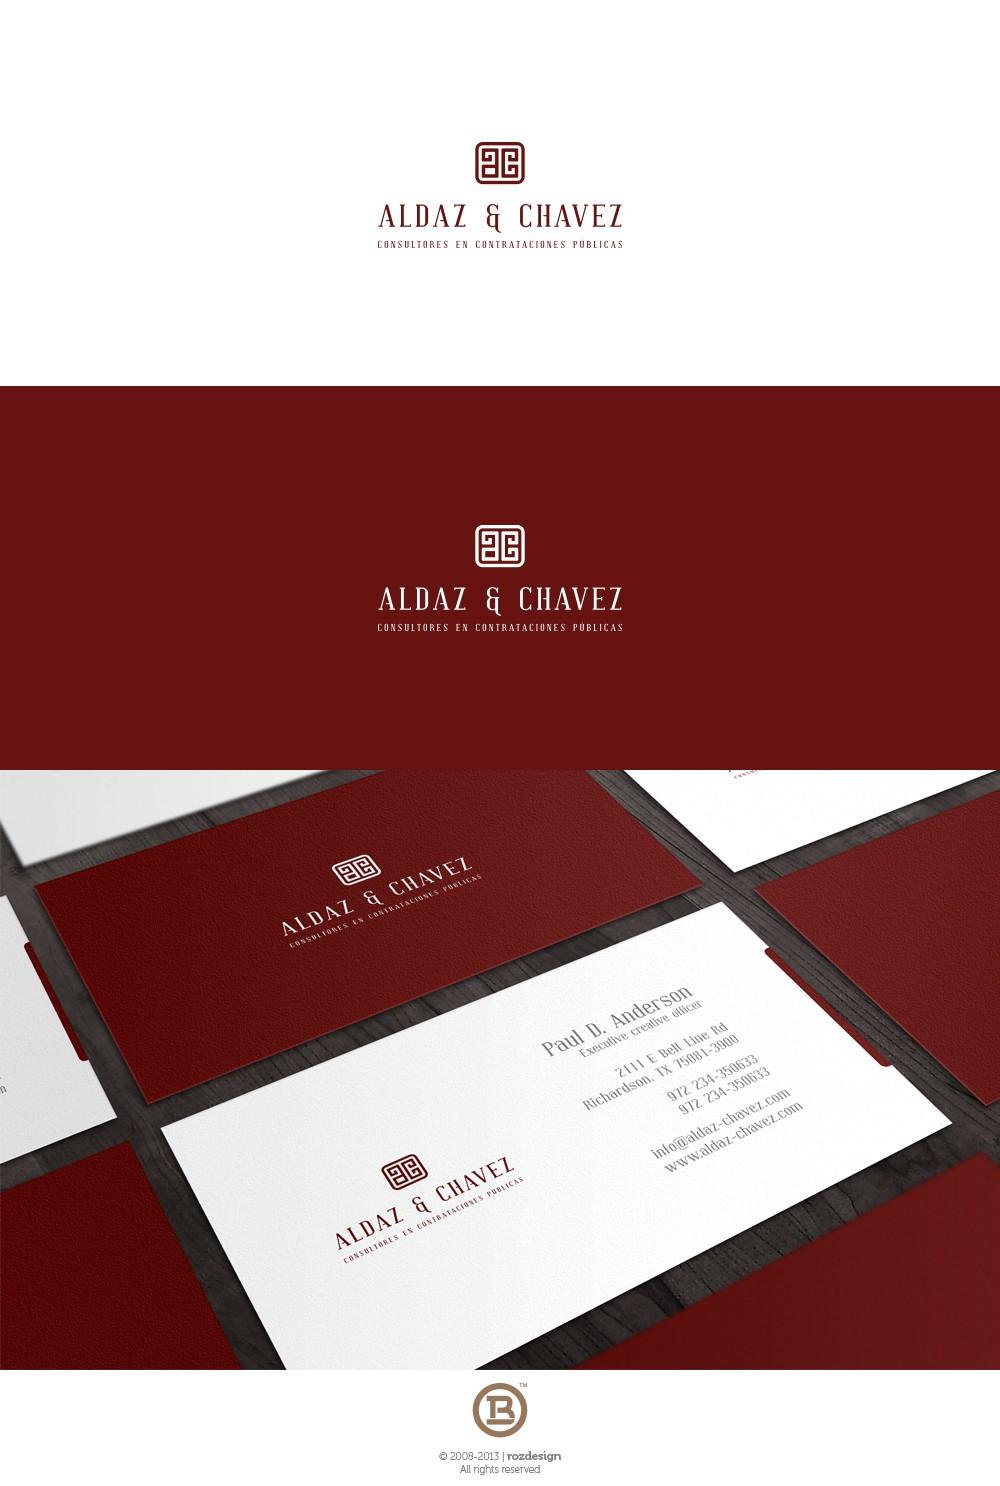 Law Firm needs a smart, eye-catching and modern logo - Aldaz & Chávez